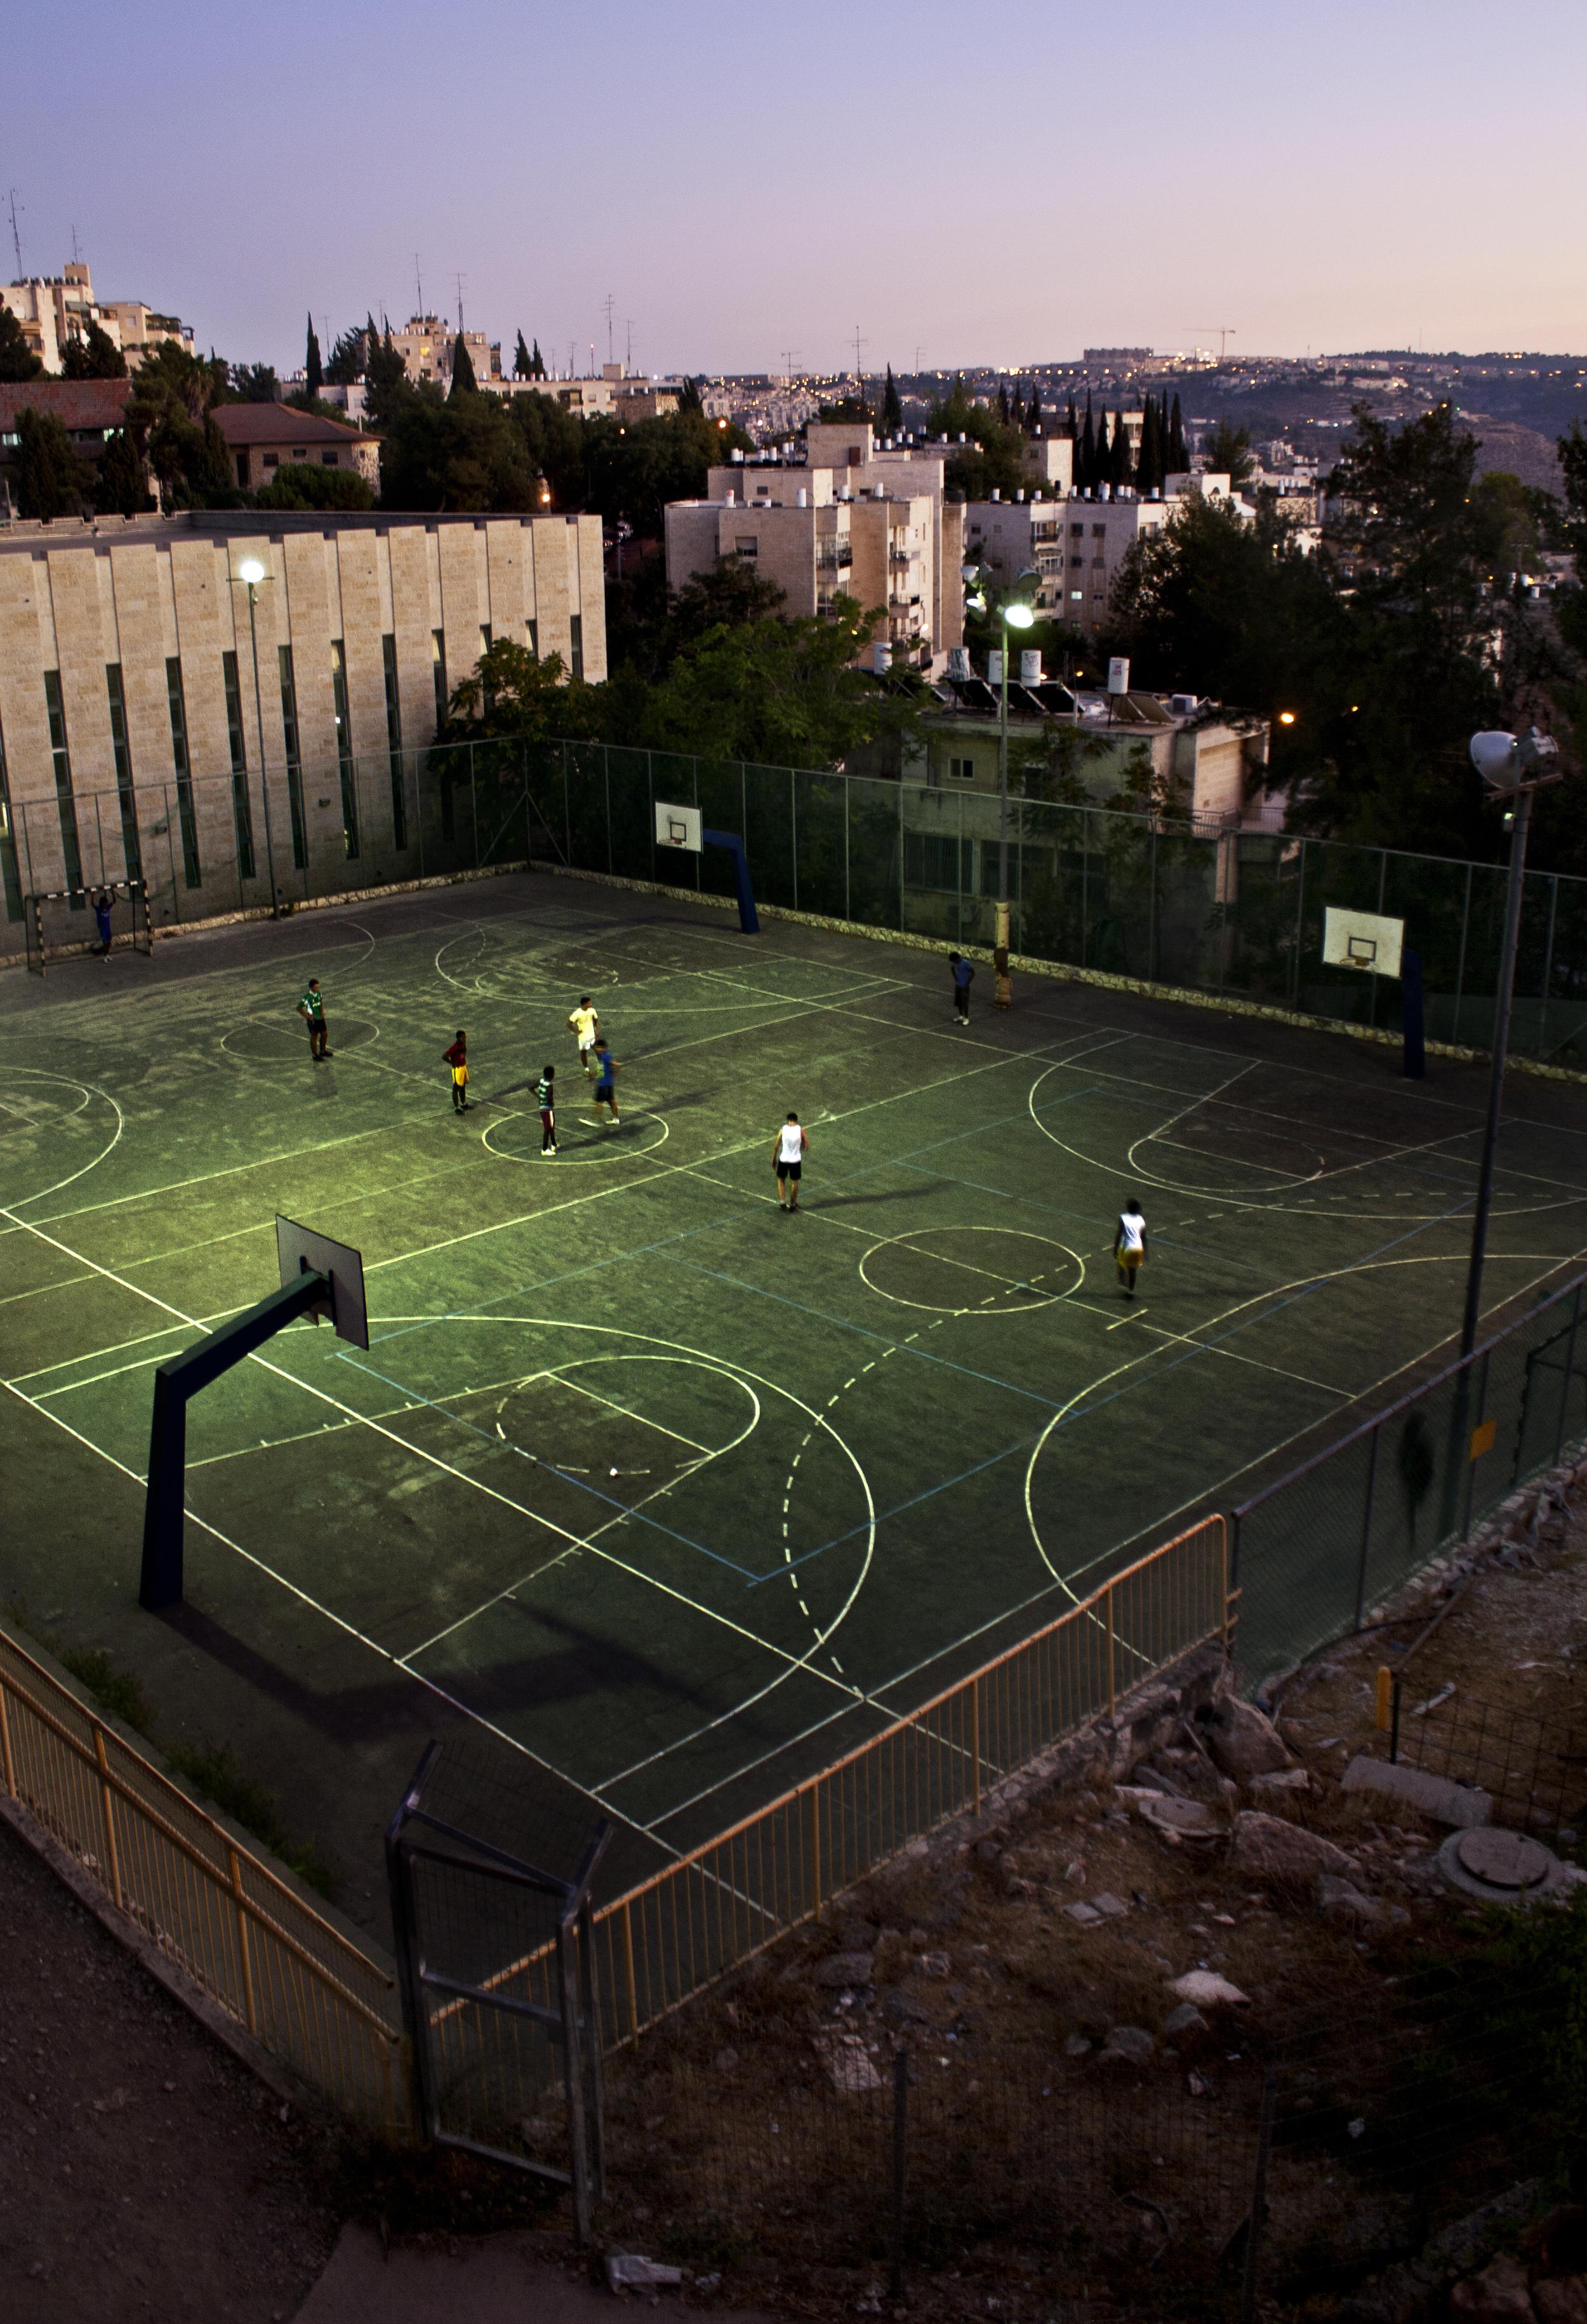 bball court.jpg